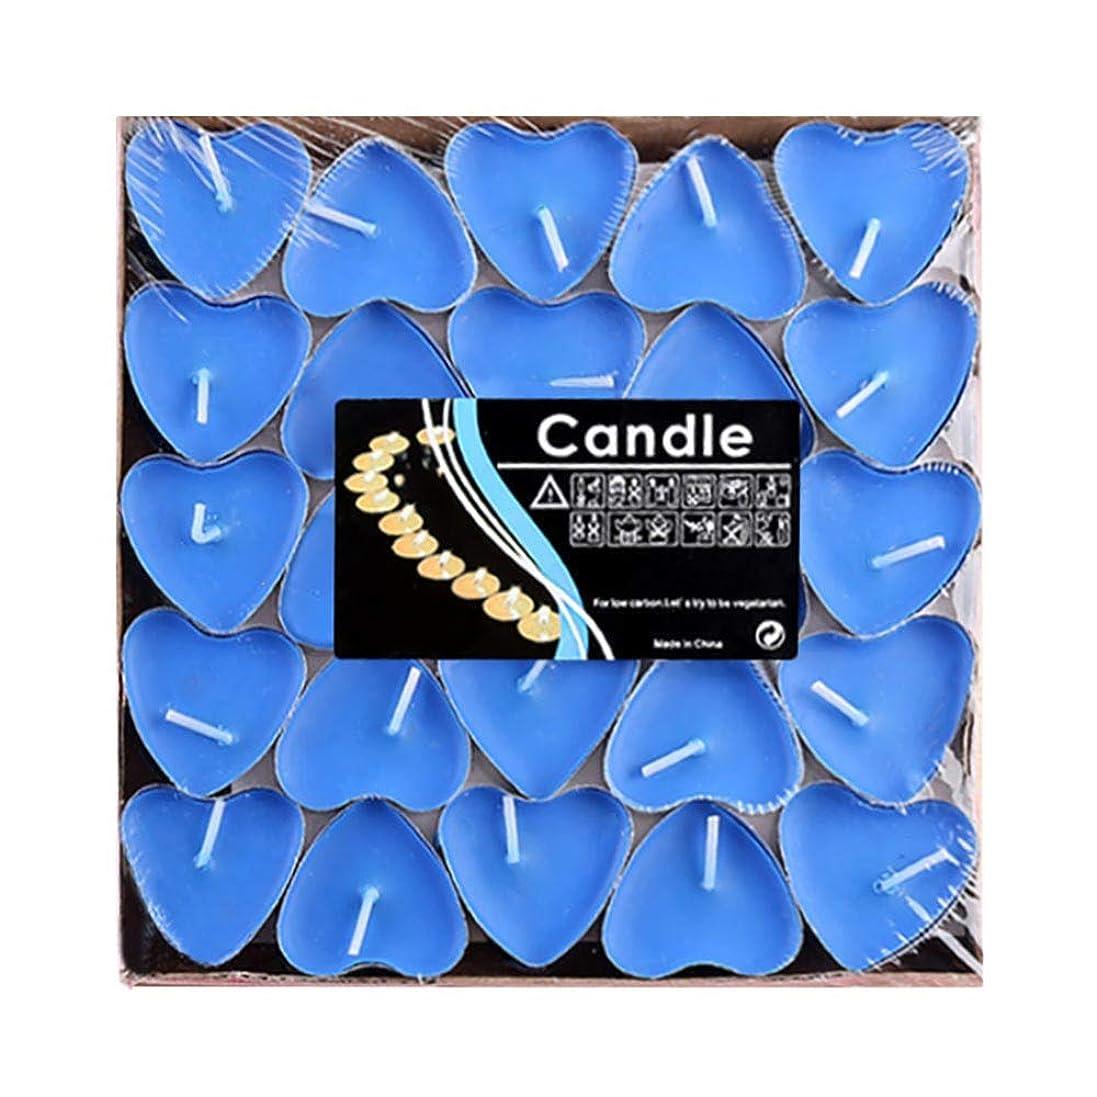 無臭余計な水素Hwagui ハート型 キャンドル 人気 アロマキャンドル 芳醇で キャンドル ロマンス、愛の告白、キャンドル 50個 2時間 ZH009